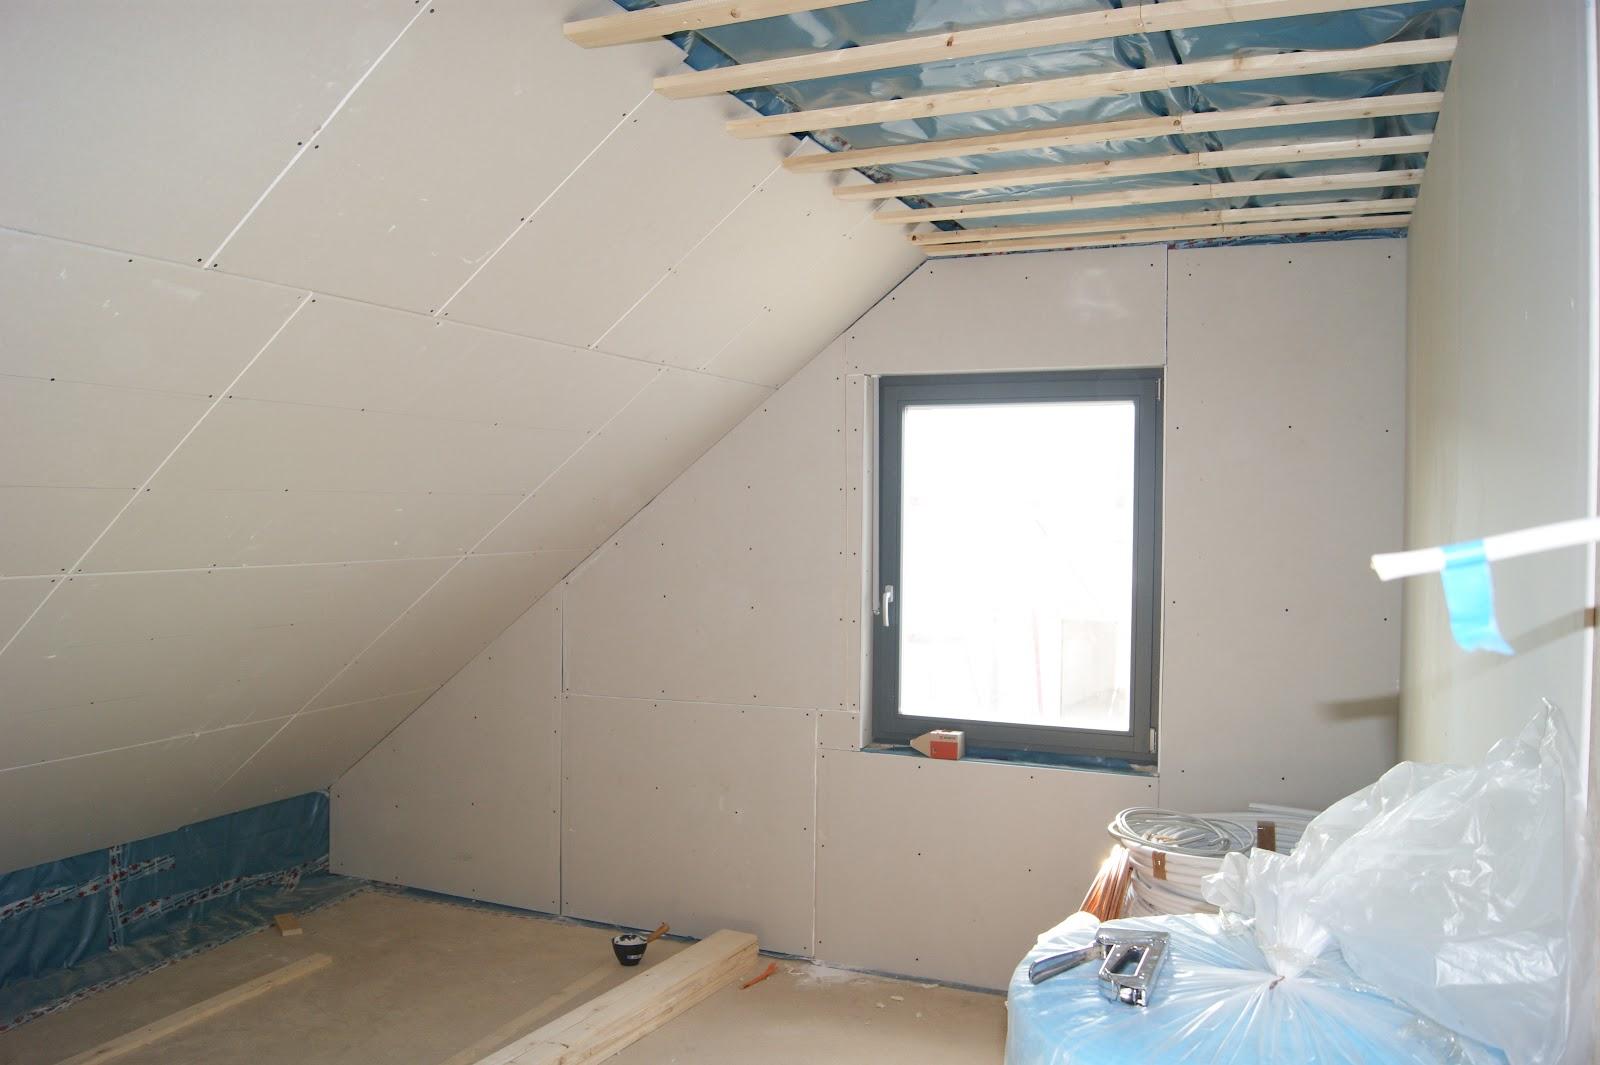 decke stoff bespannen cool monobloque flchige led decken oder wandleuchte aus strahlend weiem. Black Bedroom Furniture Sets. Home Design Ideas